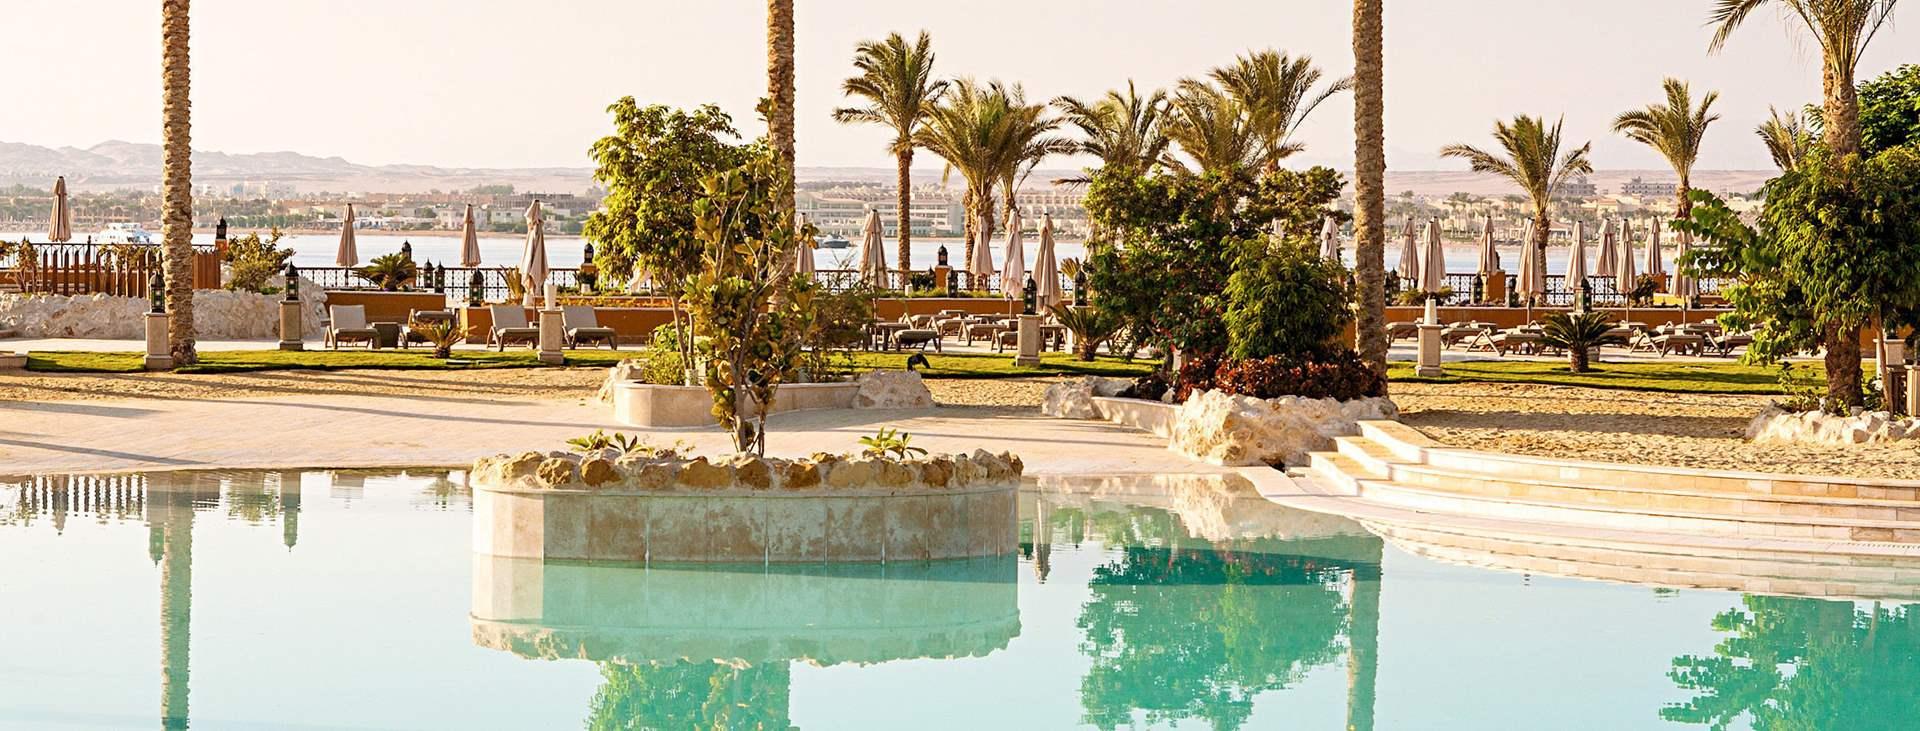 Bestill en reise til solsikre Egypt!